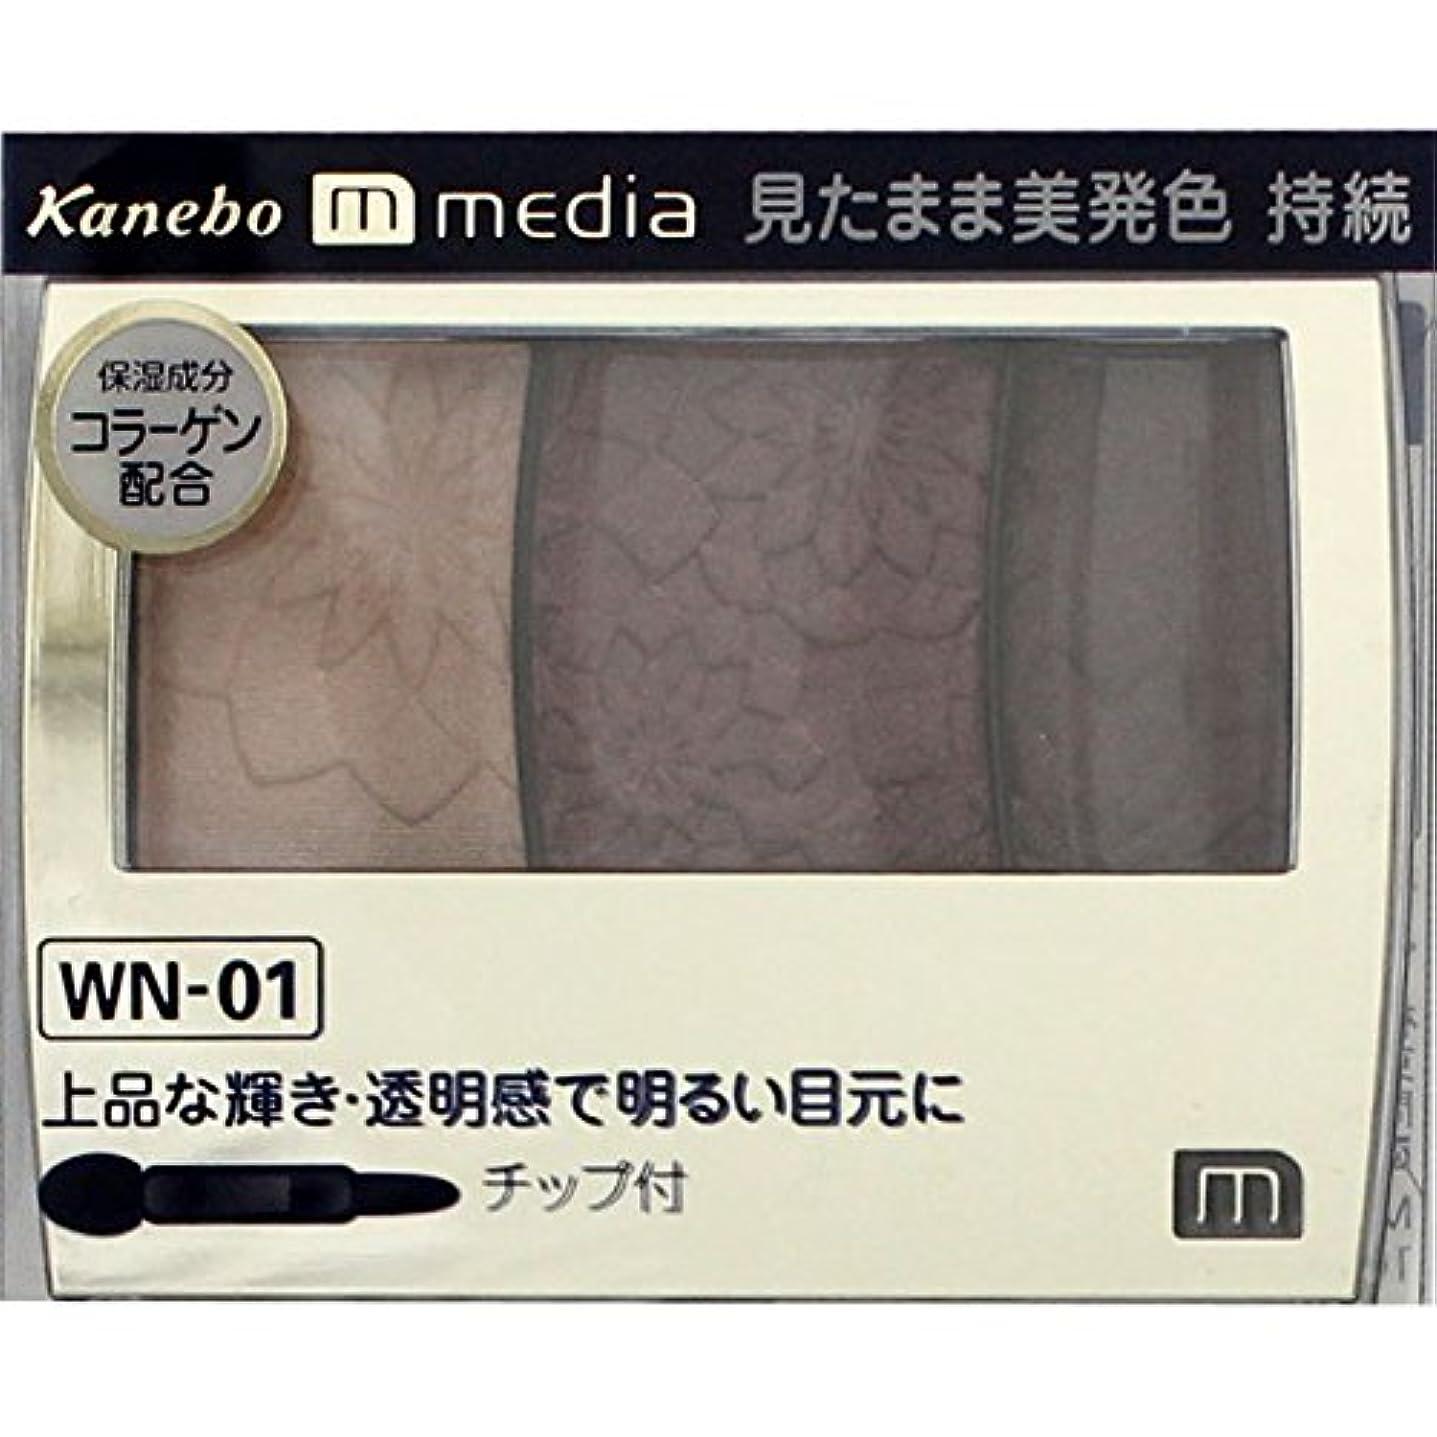 良性圧縮ロビー【カネボウ】 メディア グラデカラーアイシャドウ WN-01